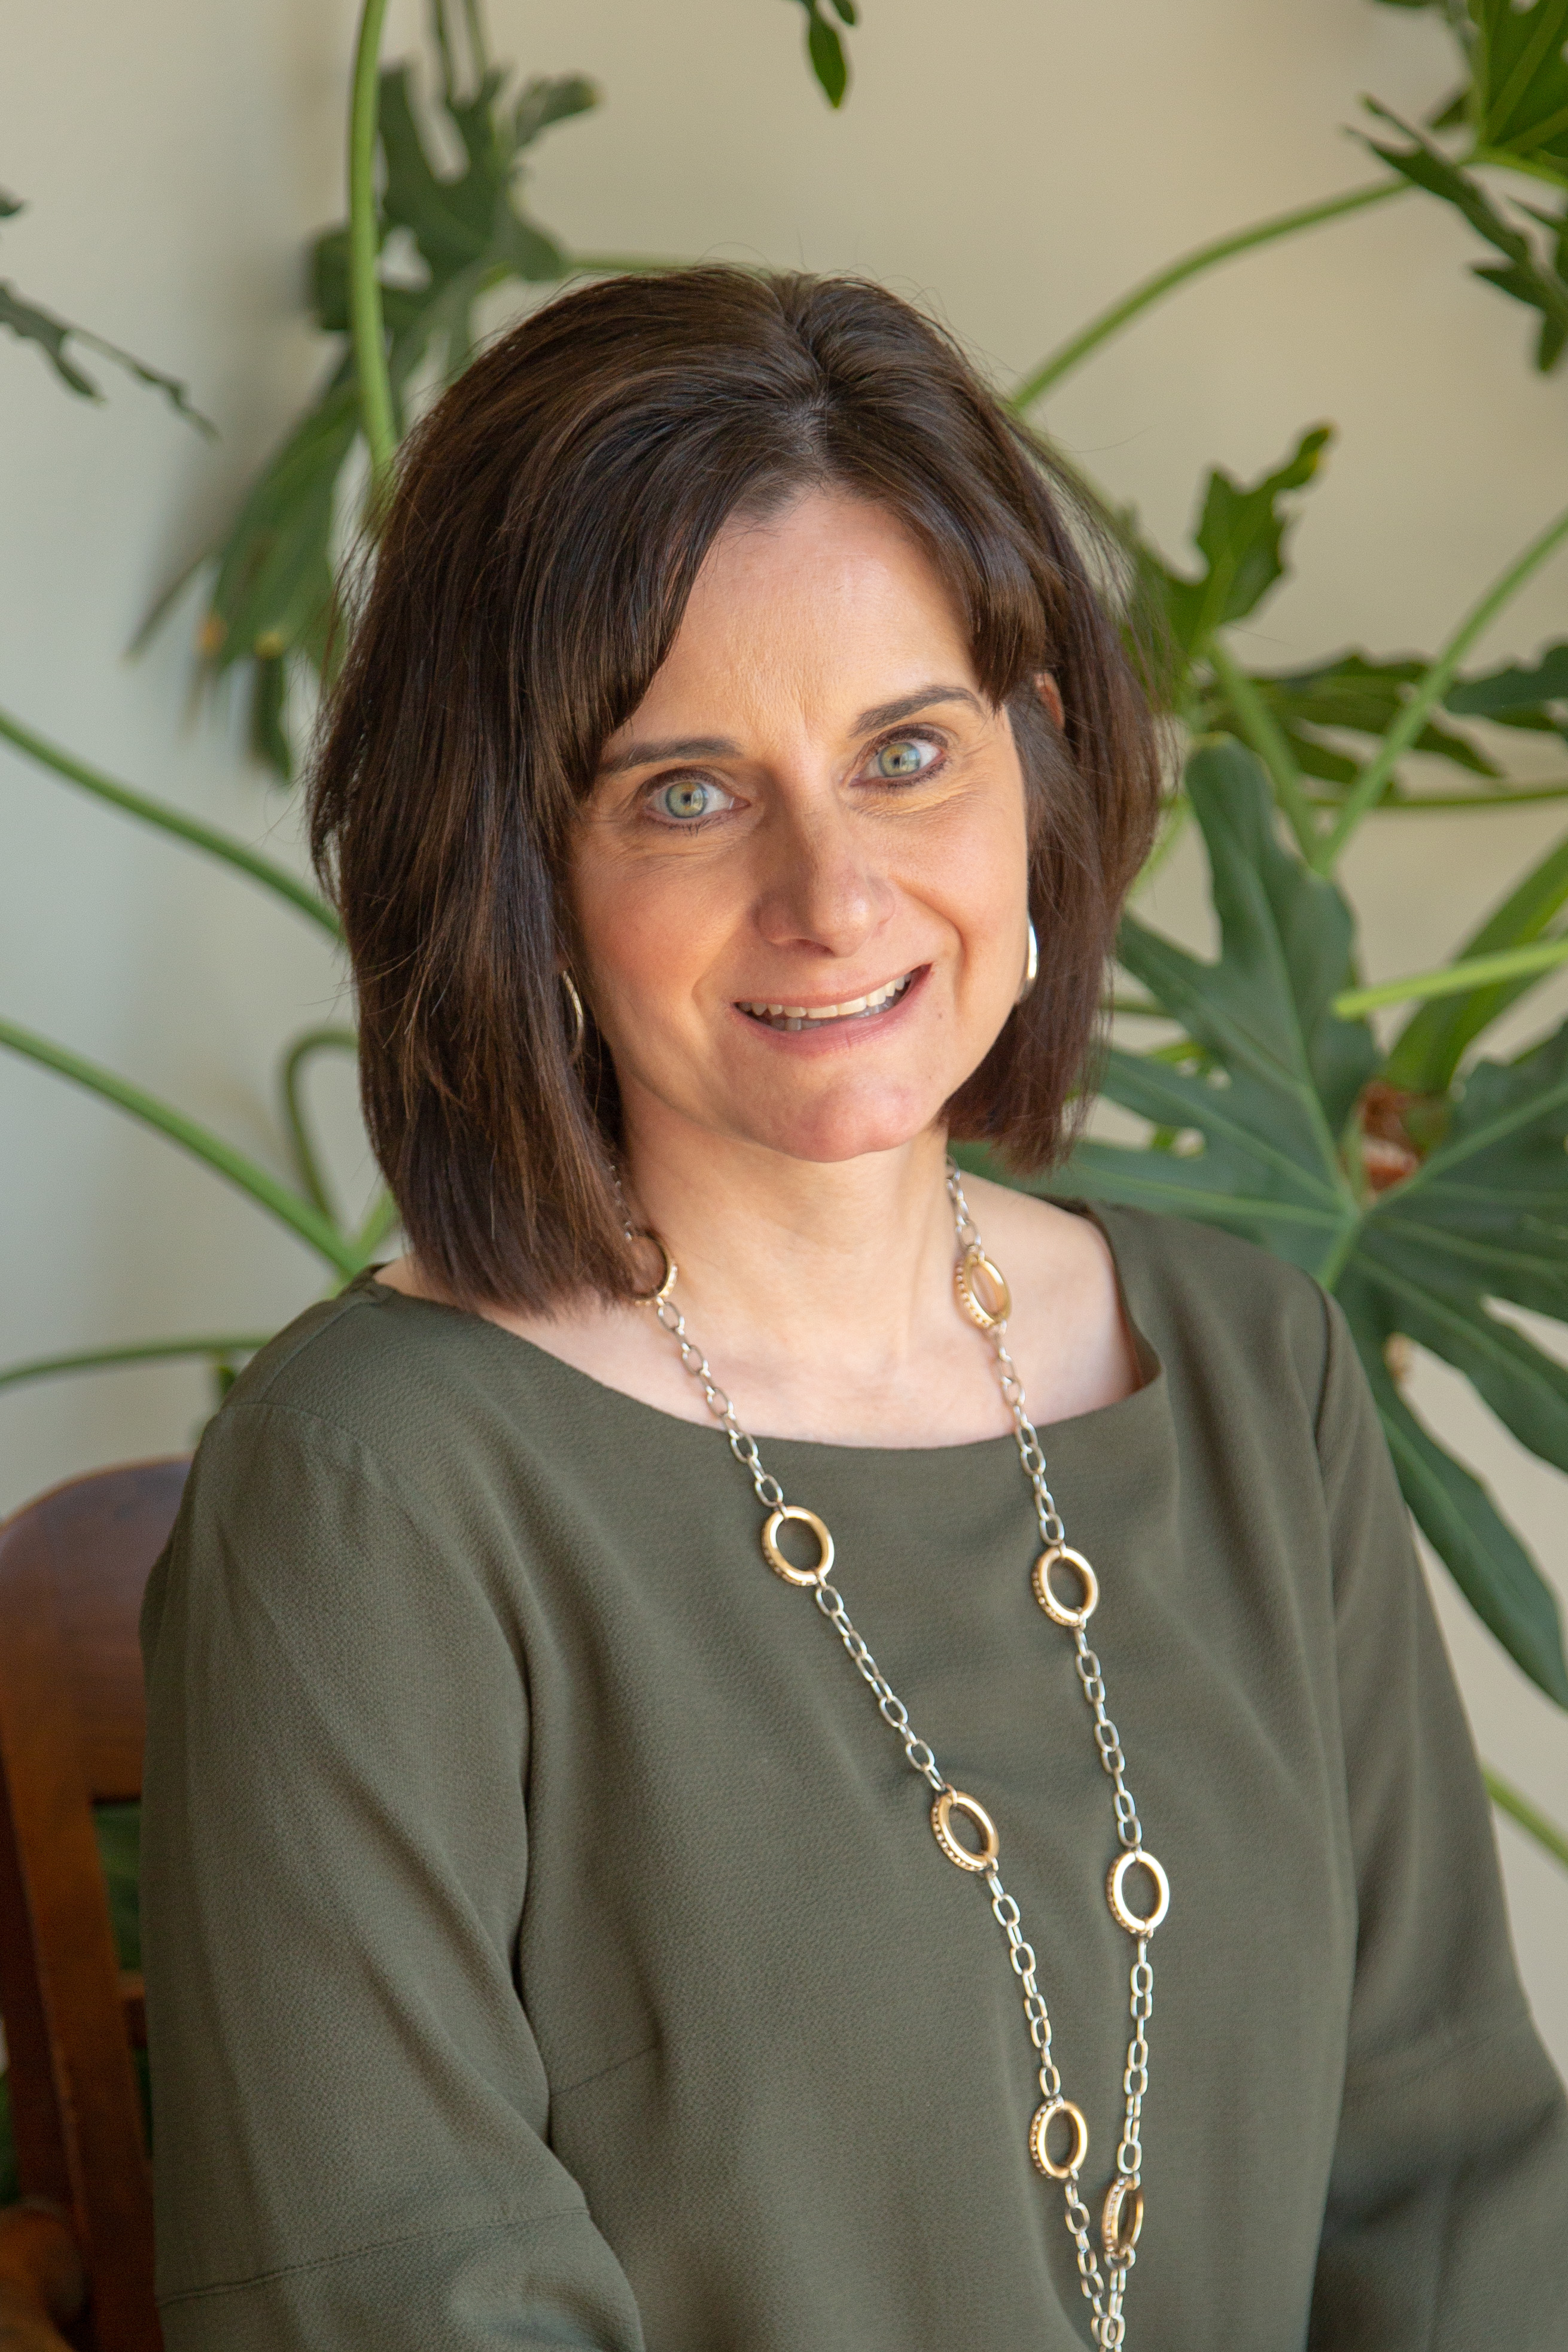 Michelle Weishaar